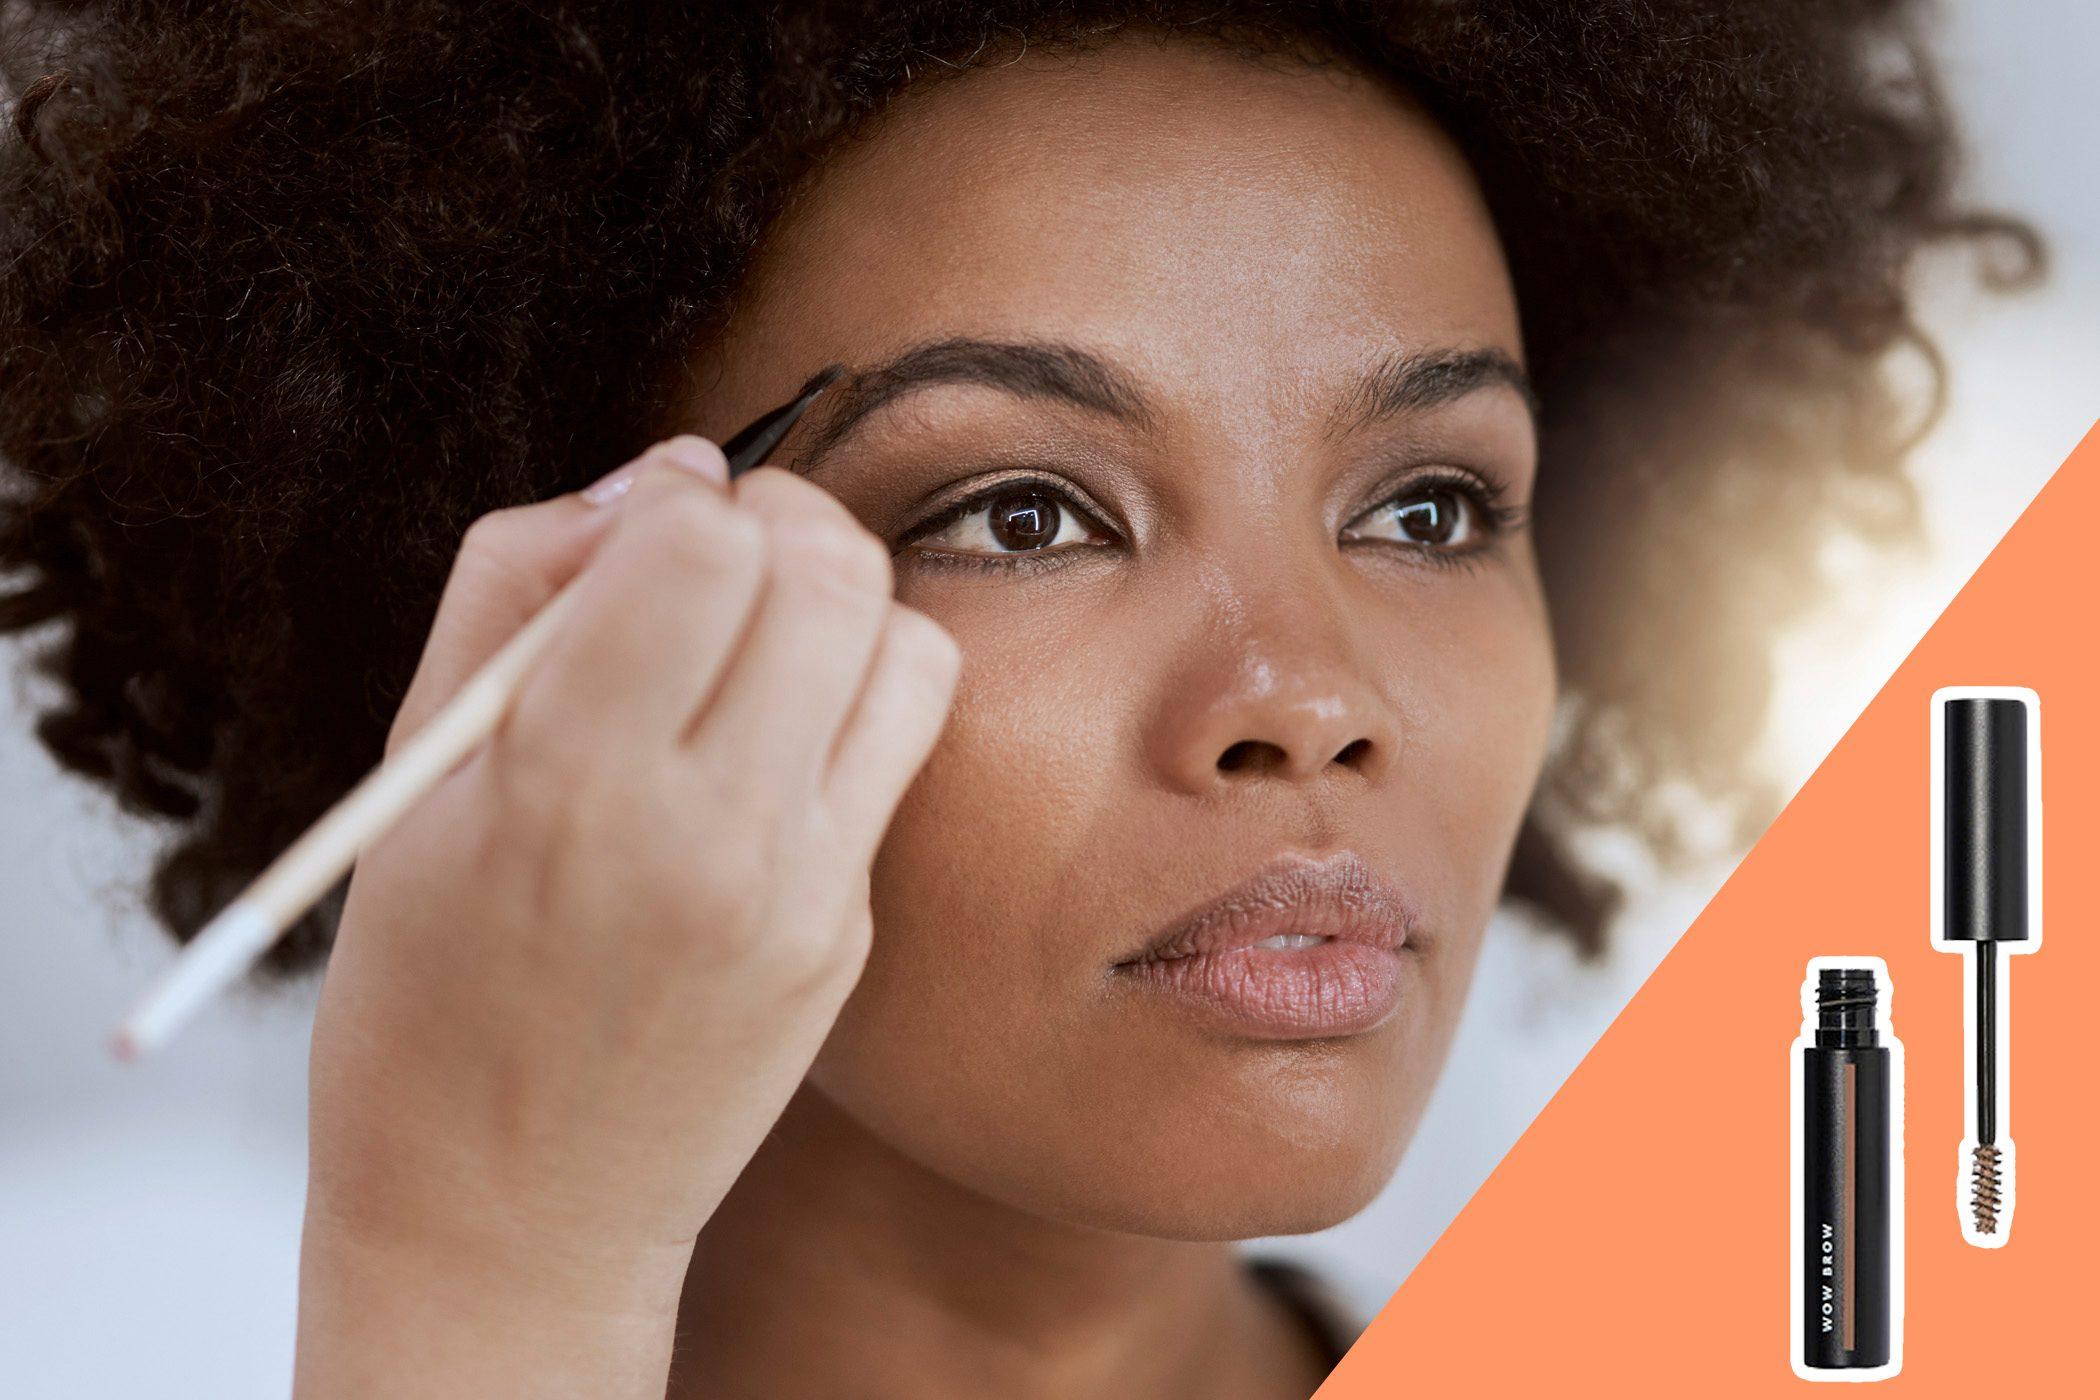 eyebrow make up tips